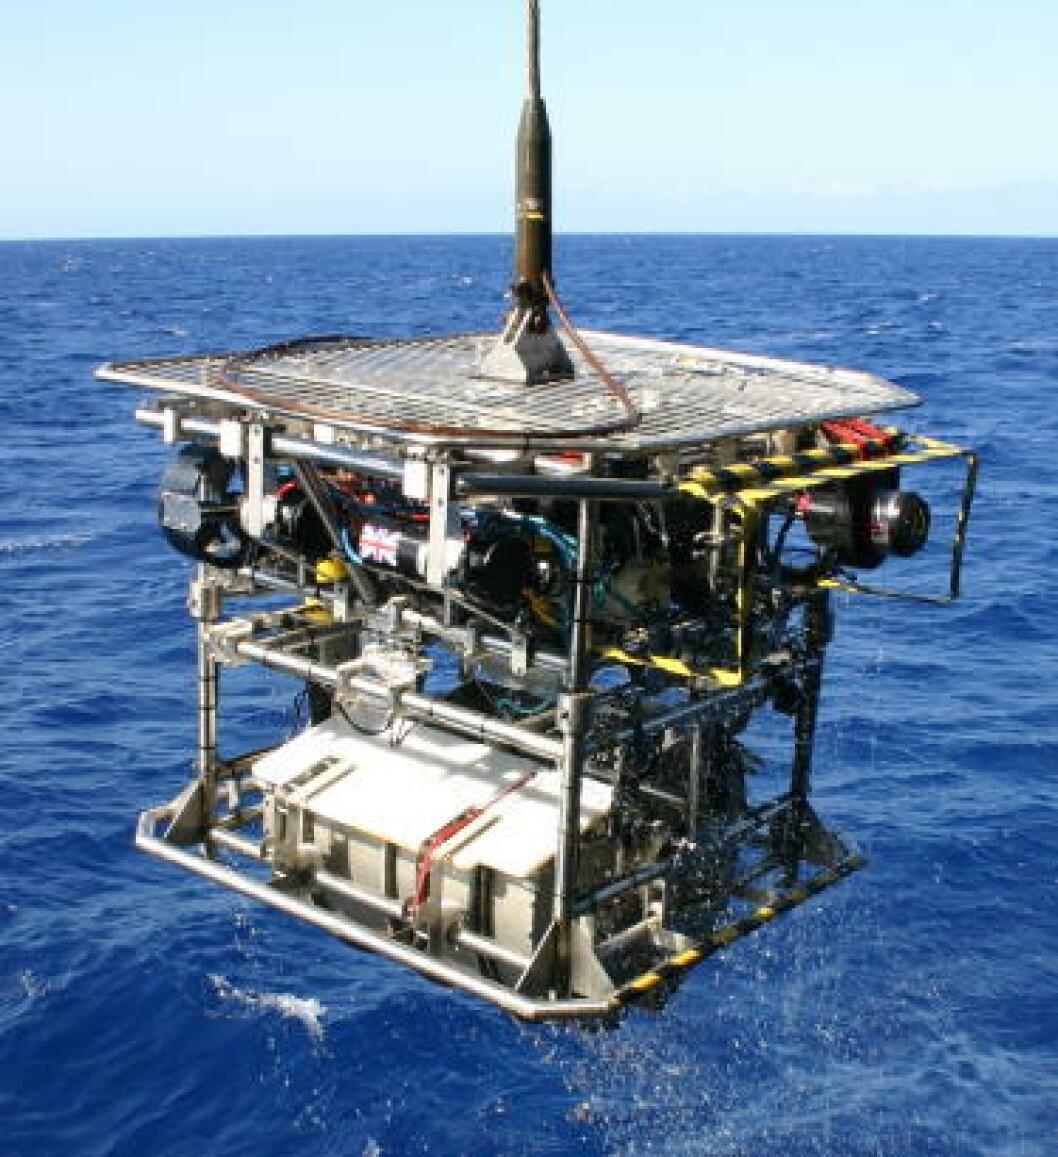 <strong>PRØVESAMLER:</strong> Den ubemannede undervannsfarkosten HyBIS ble brukt til å samle prøver. Foto: University of Southampton/NOC